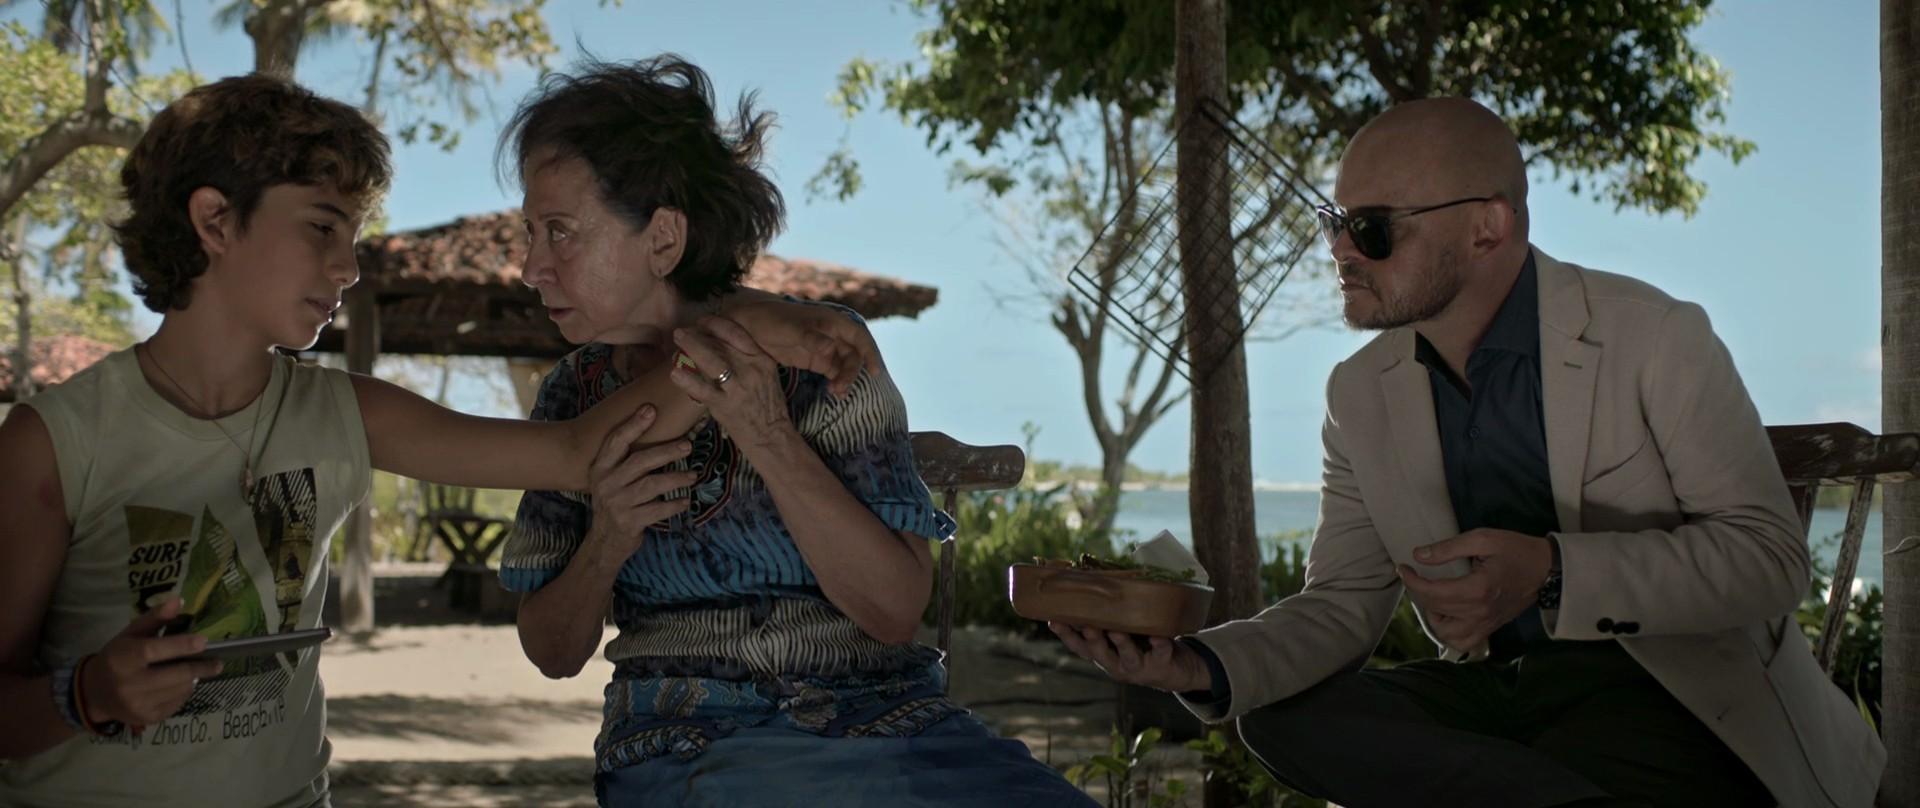 'Piedade' foi premiado no Festival de Brasília em 2019 com o Prêmio Especial do Júri. Melhor Ator Coadjuvante (Cauã Reymond) e Melhor Direção de Arte (Foto: divulgação)